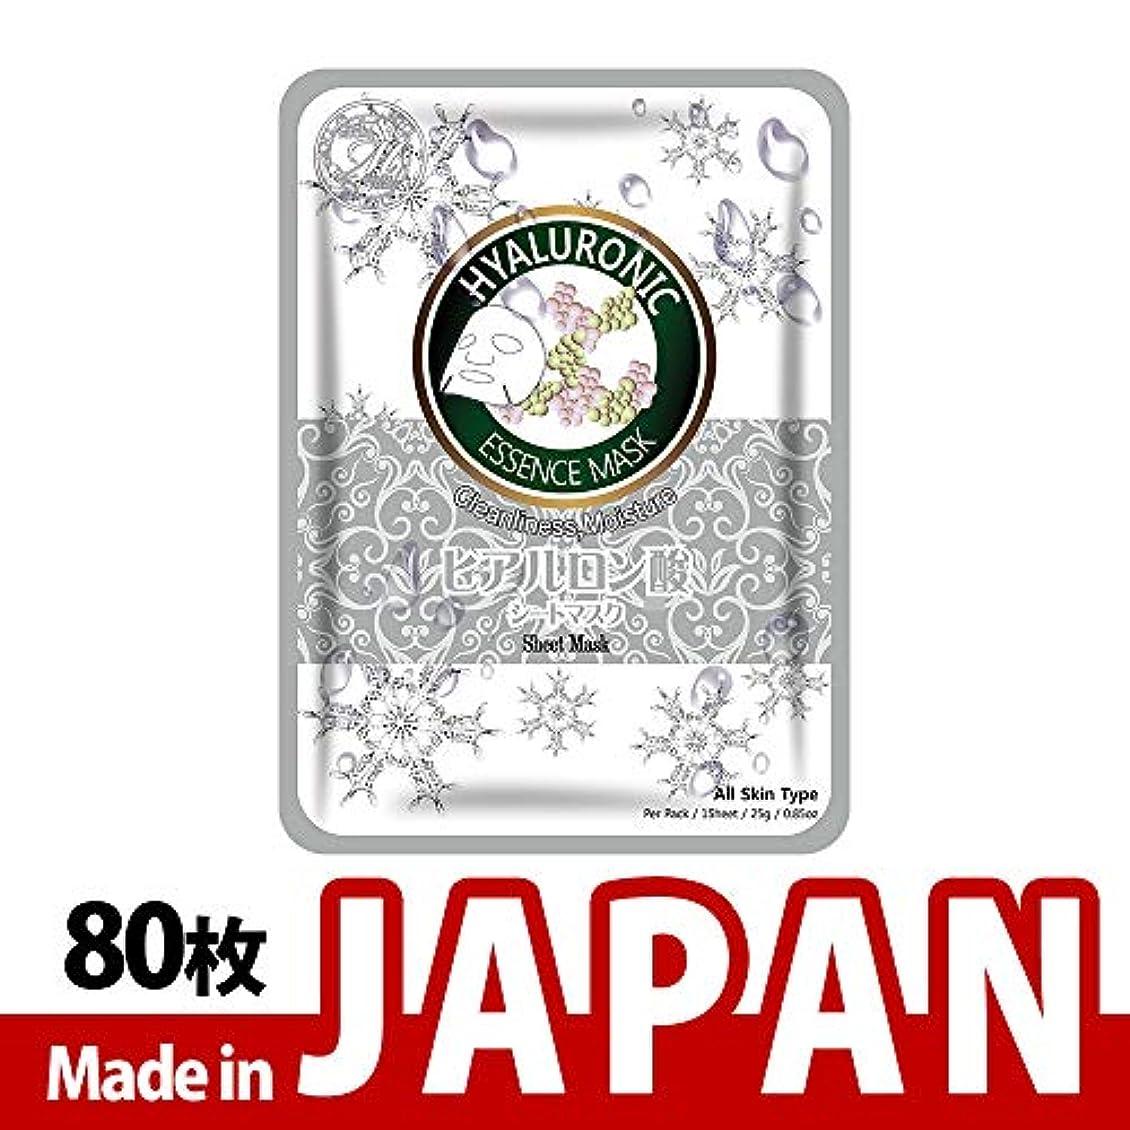 物語つづりすぐに【MT612-C-4】MITOMO日本製シートマスク/10枚入り/80枚/美容液/マスクパック/送料無料